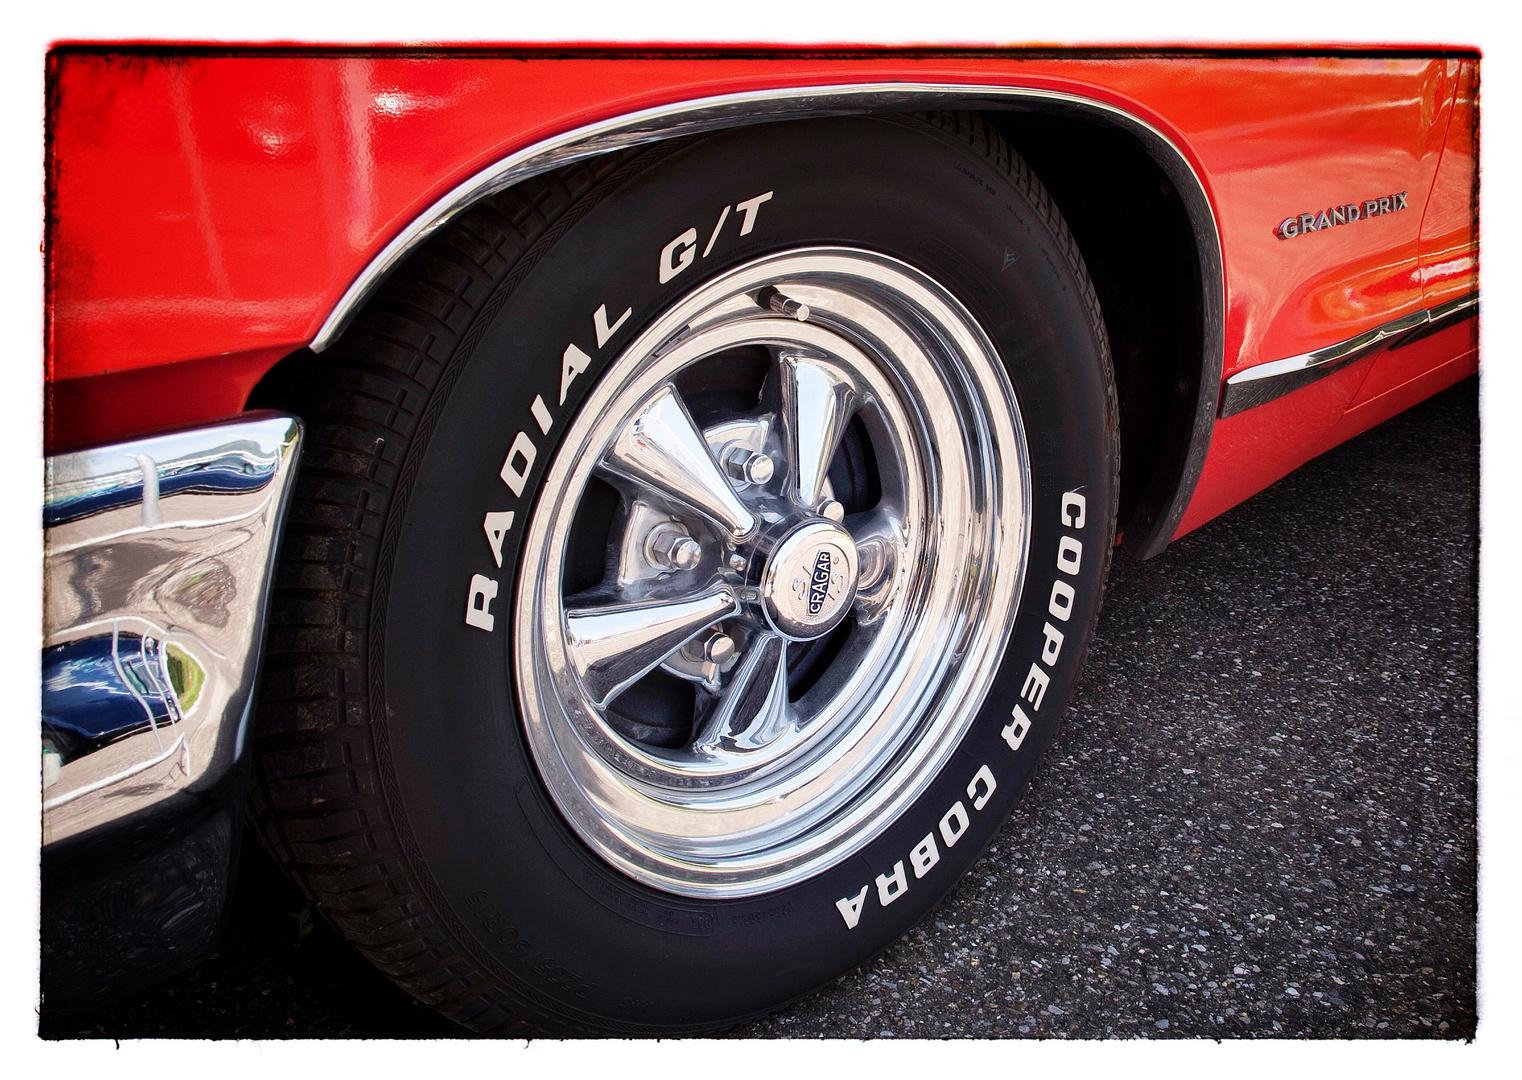 Ich liebe alte amerikanische Cars, die zweite